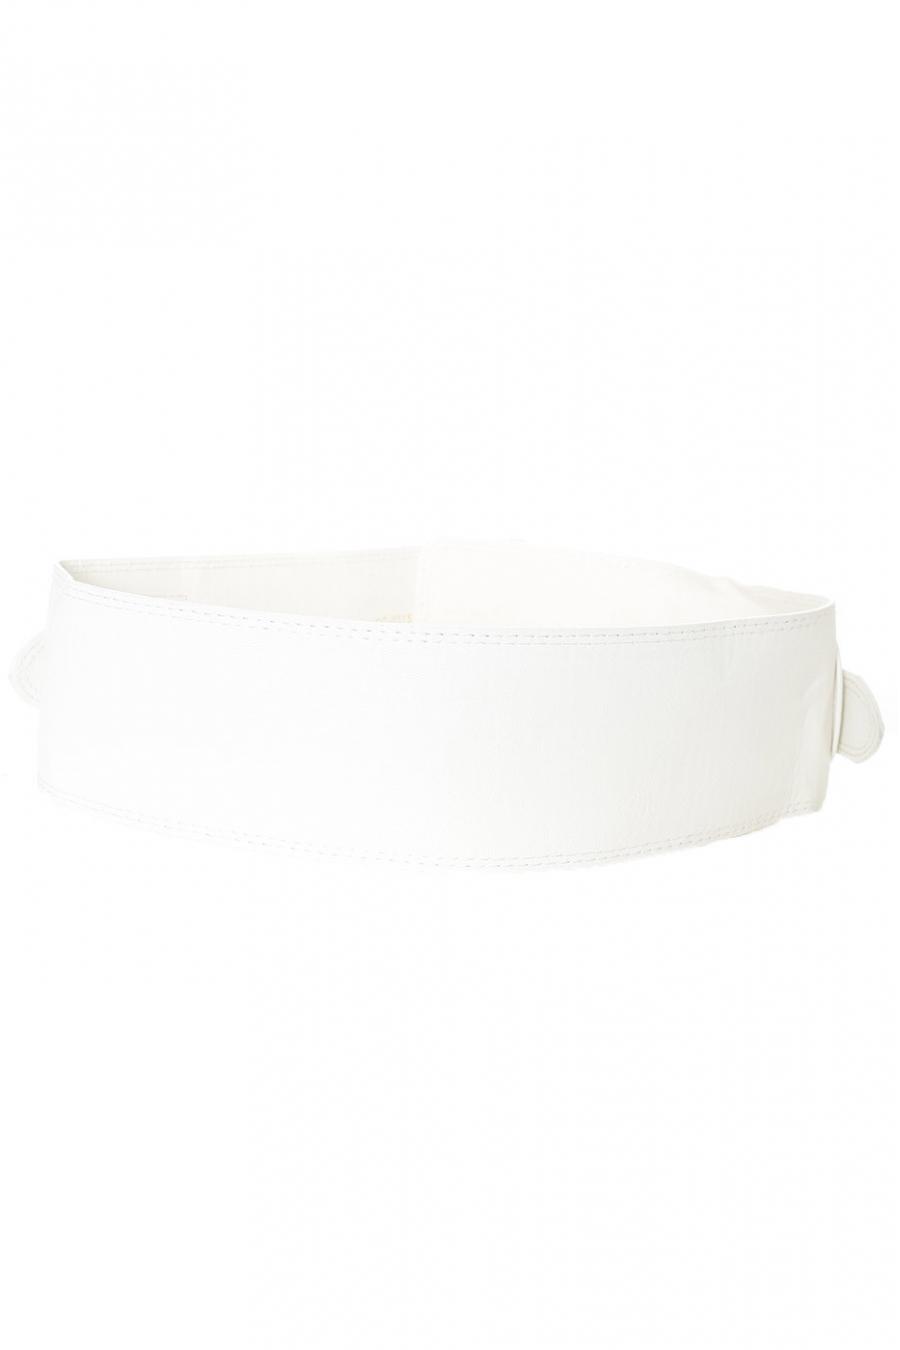 Ceinture blanche à double boucle et lanières SG-0315